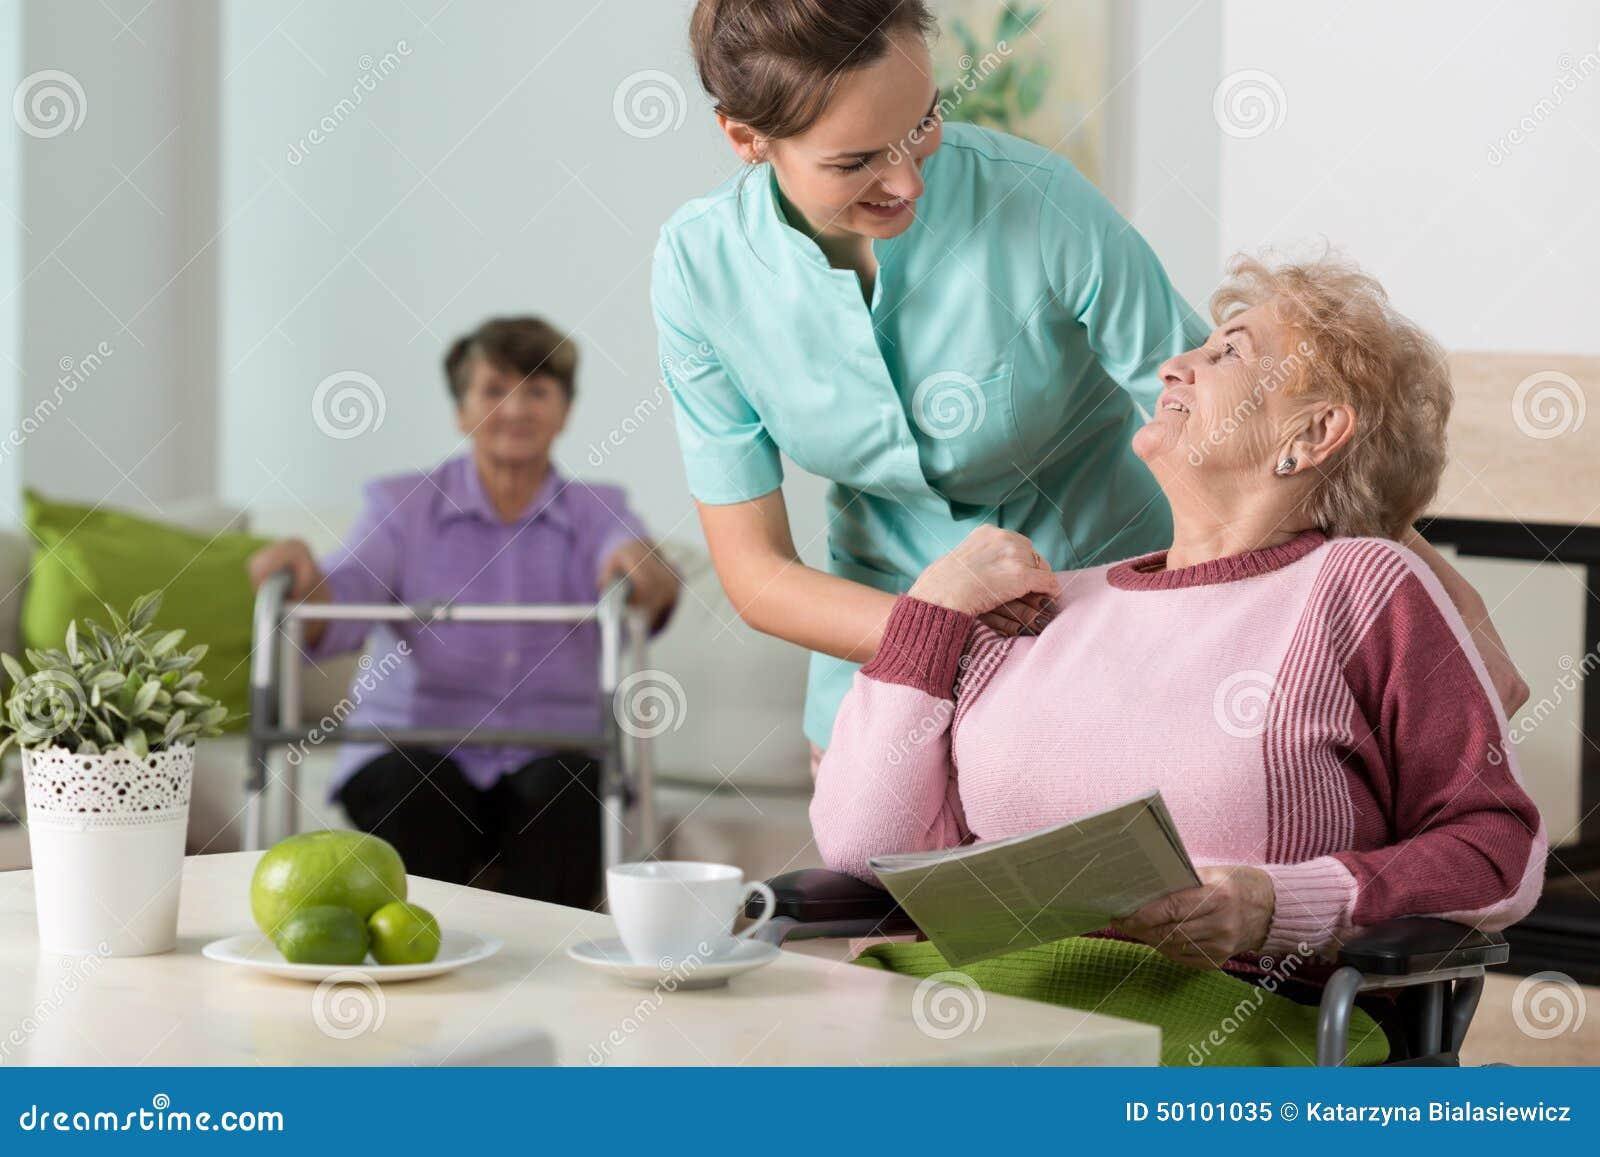 Travail dans la maison de retraite image stock image du for Aide maison de retraite